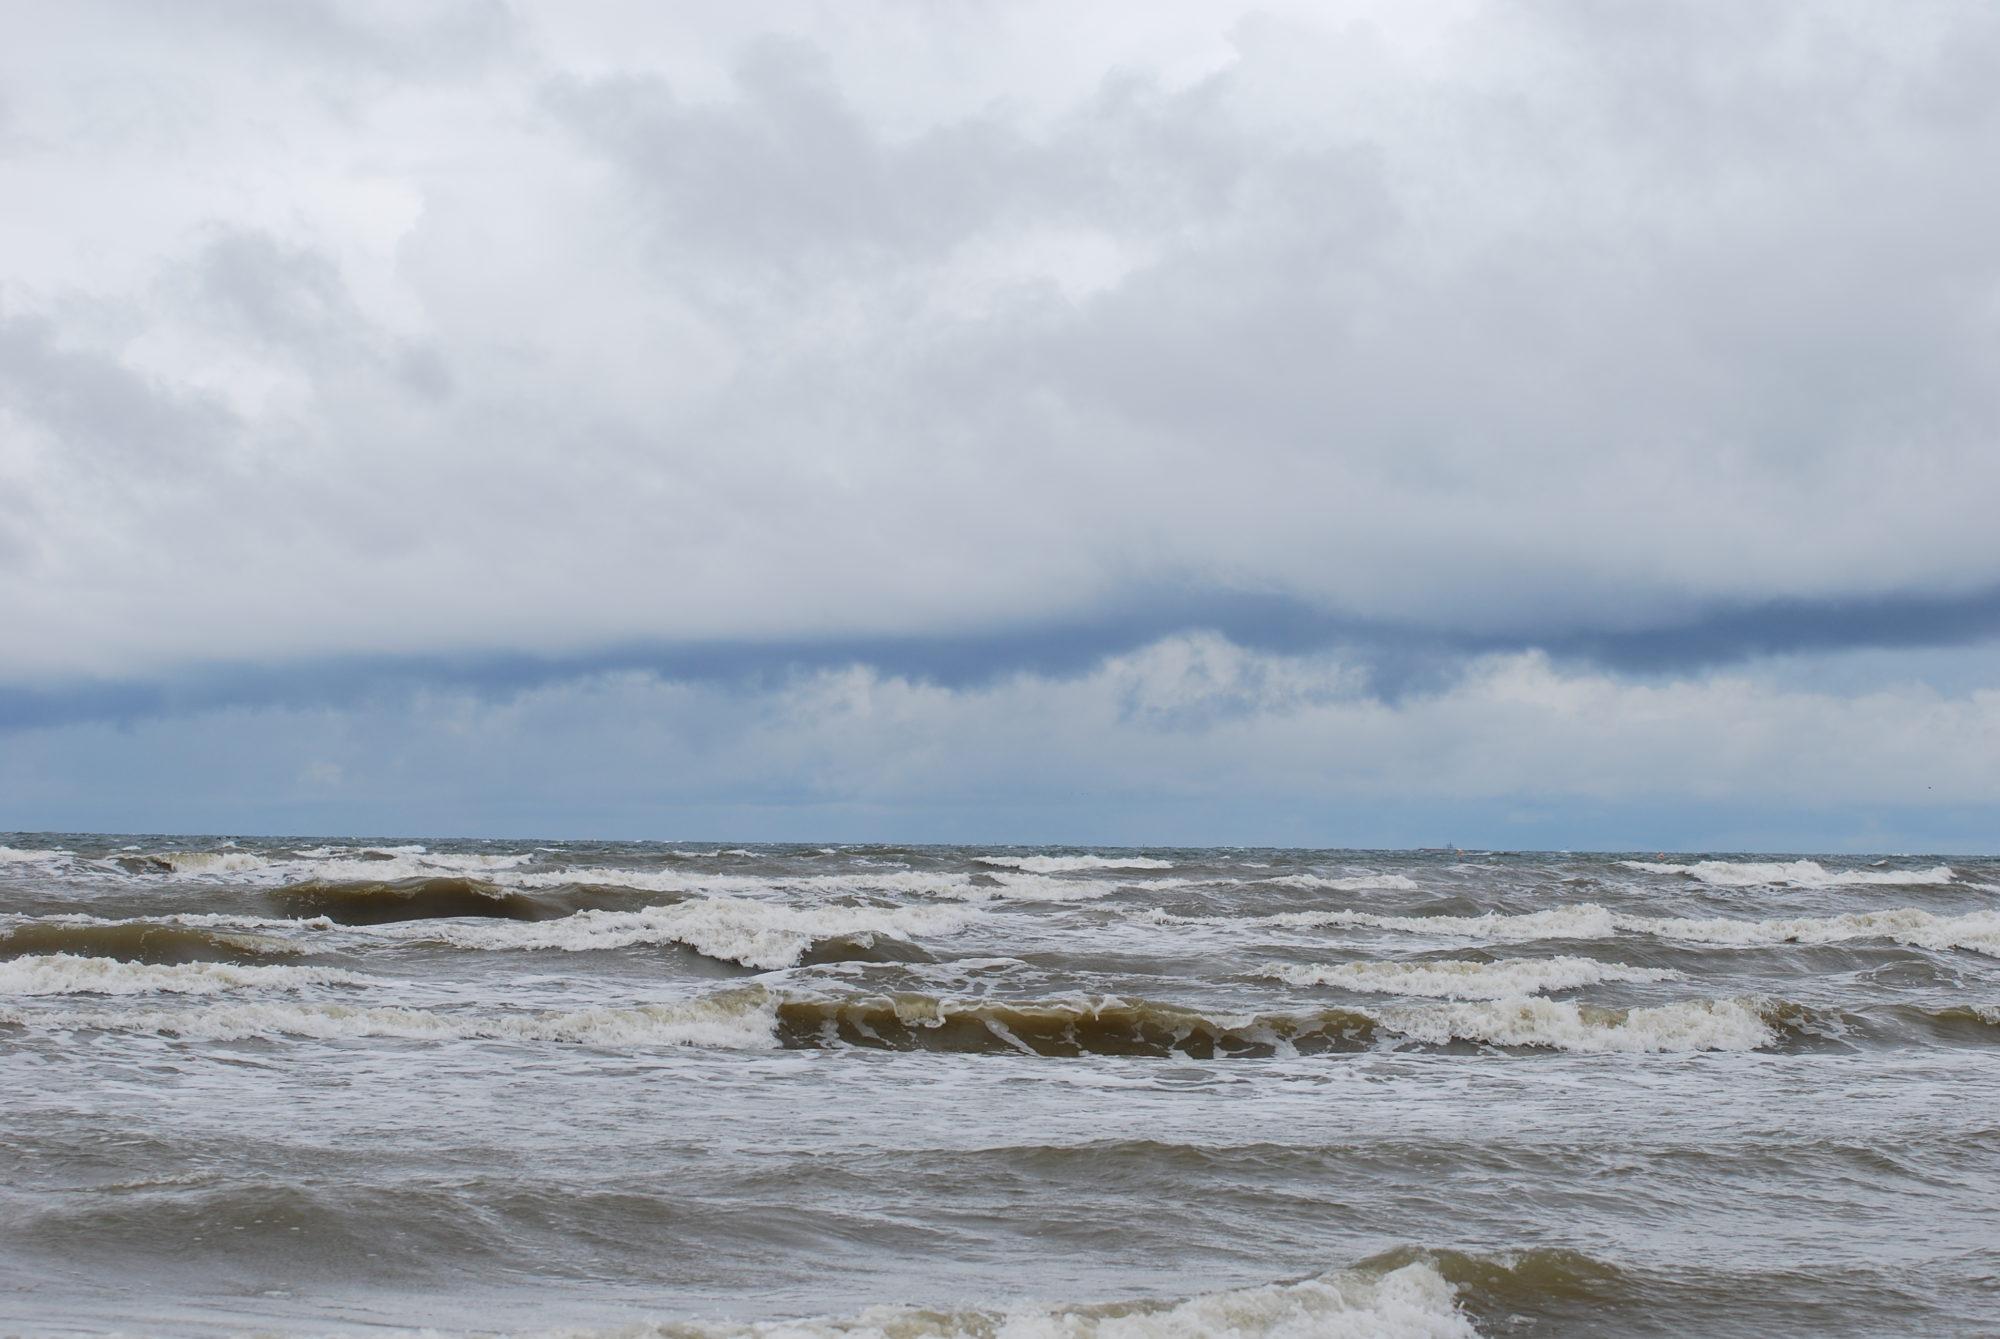 На Лиепайский пляж вымыто похожее на пальмовое масло вещество; угрозы для здоровья жителей и среды нет